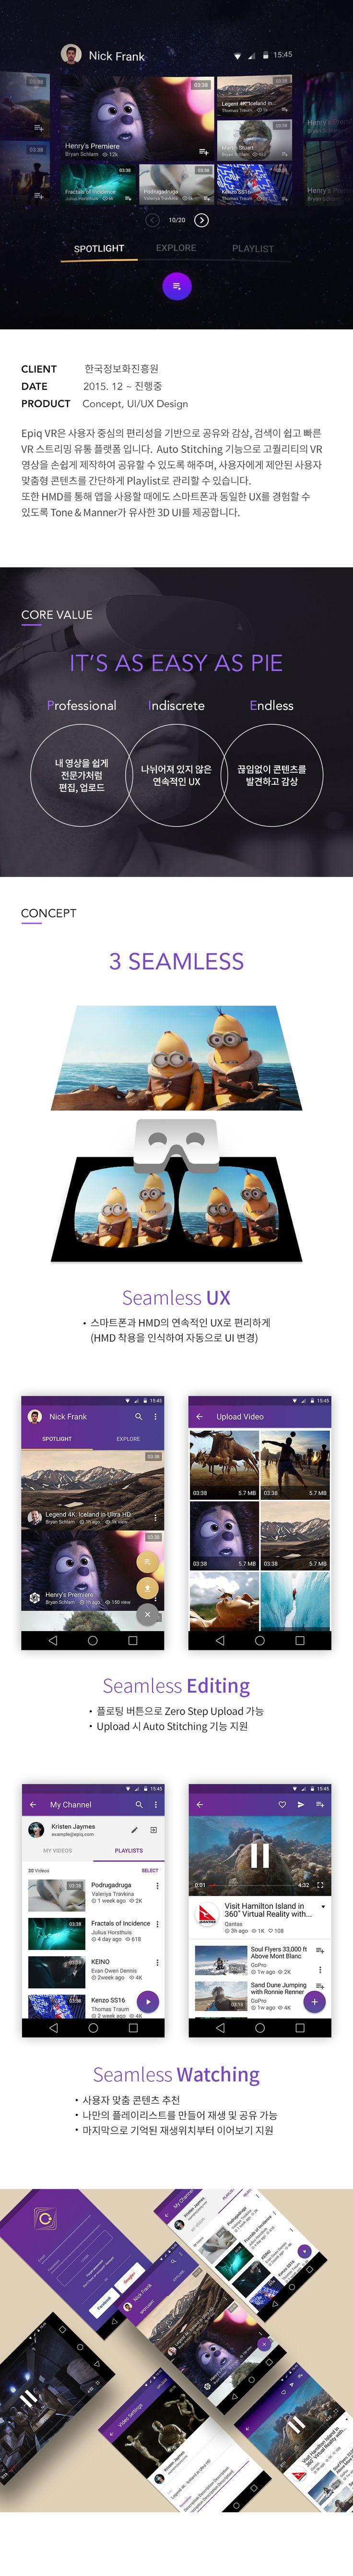 Epiq VR App on Behance